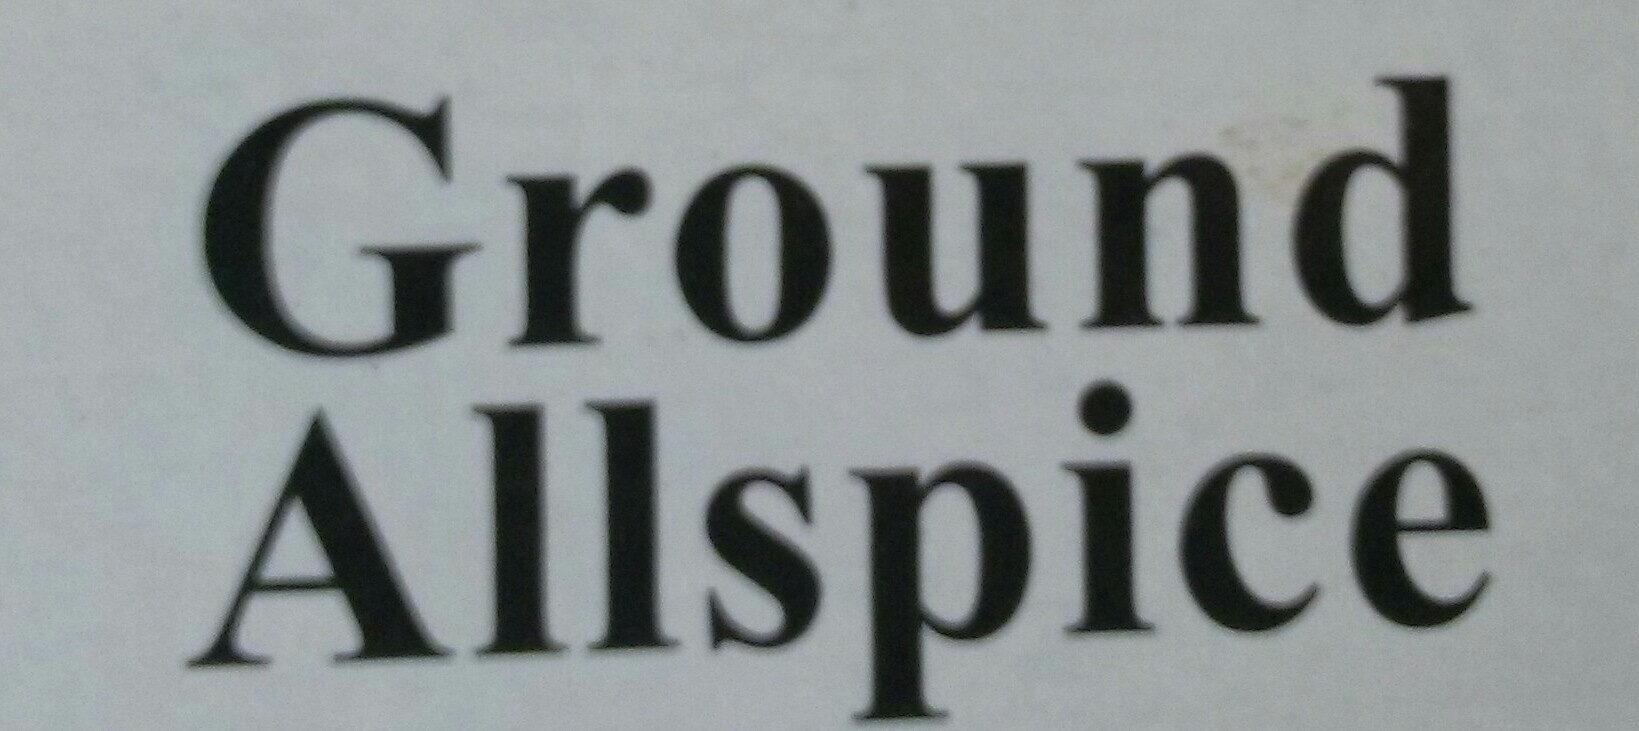 Ground Allspice - Ingredients - en